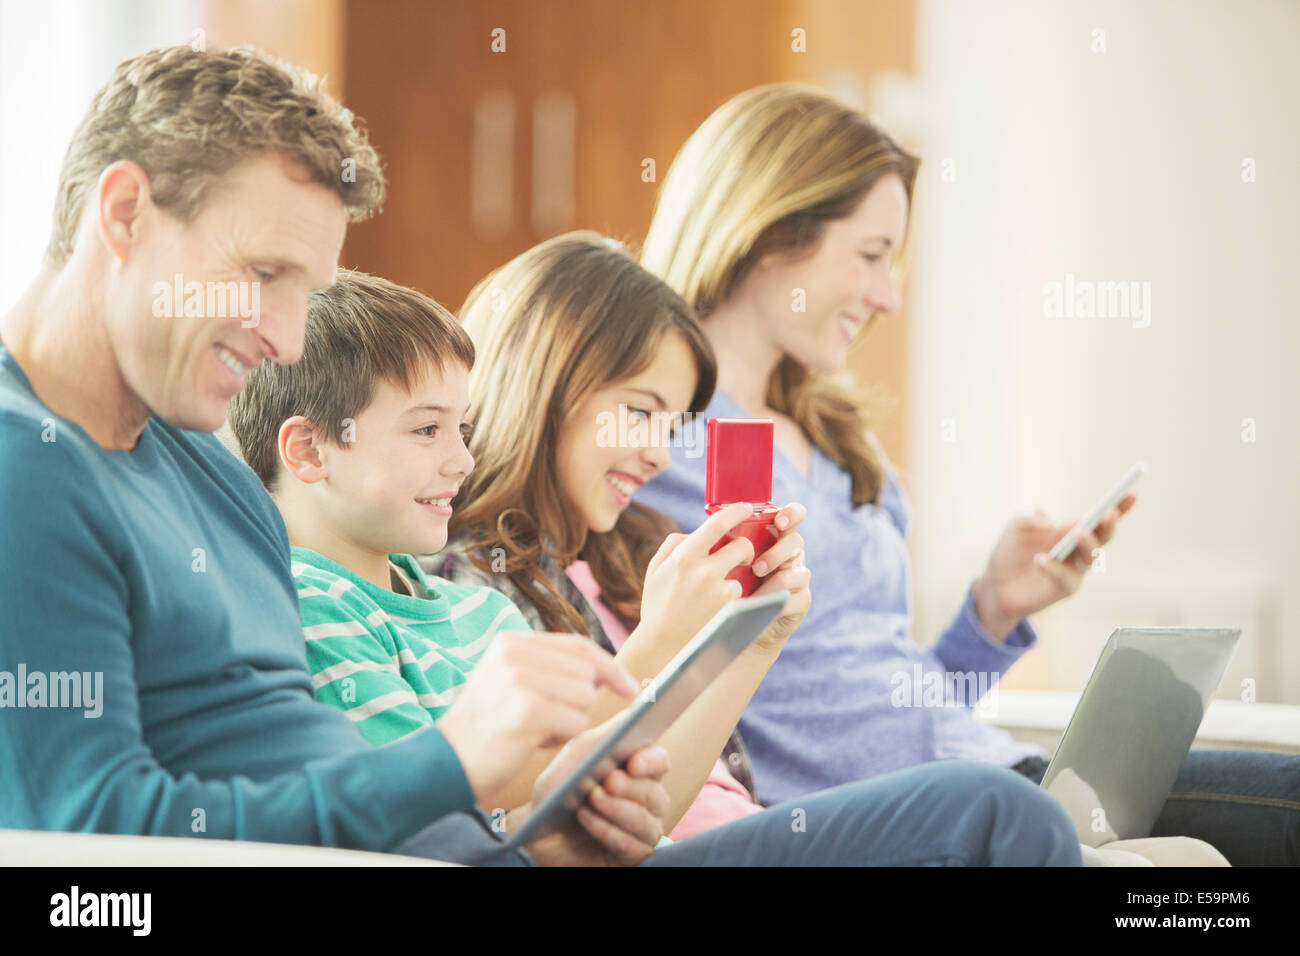 La famiglia utilizzando la tecnologia sul divano Foto Stock